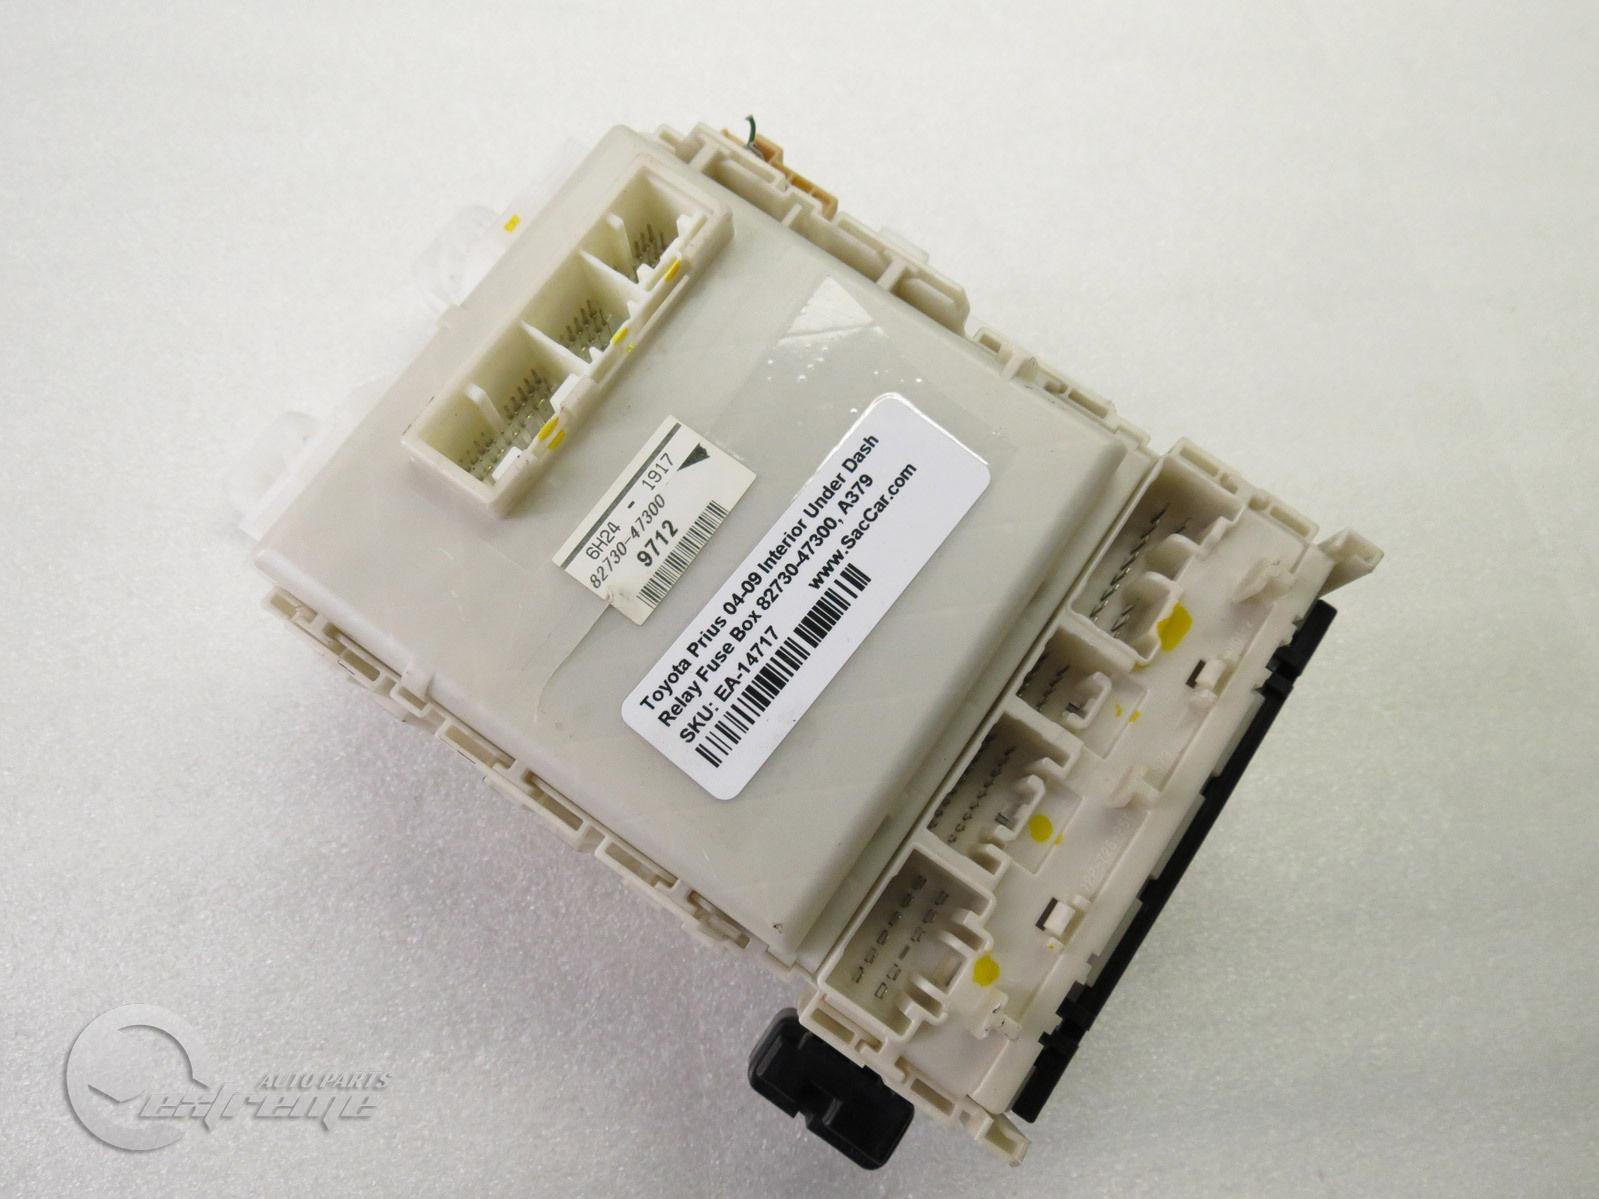 ... Toyota Prius 82730-47300 Interior Under Dash Relay Fuse Box 04 05 06 07  08 ...